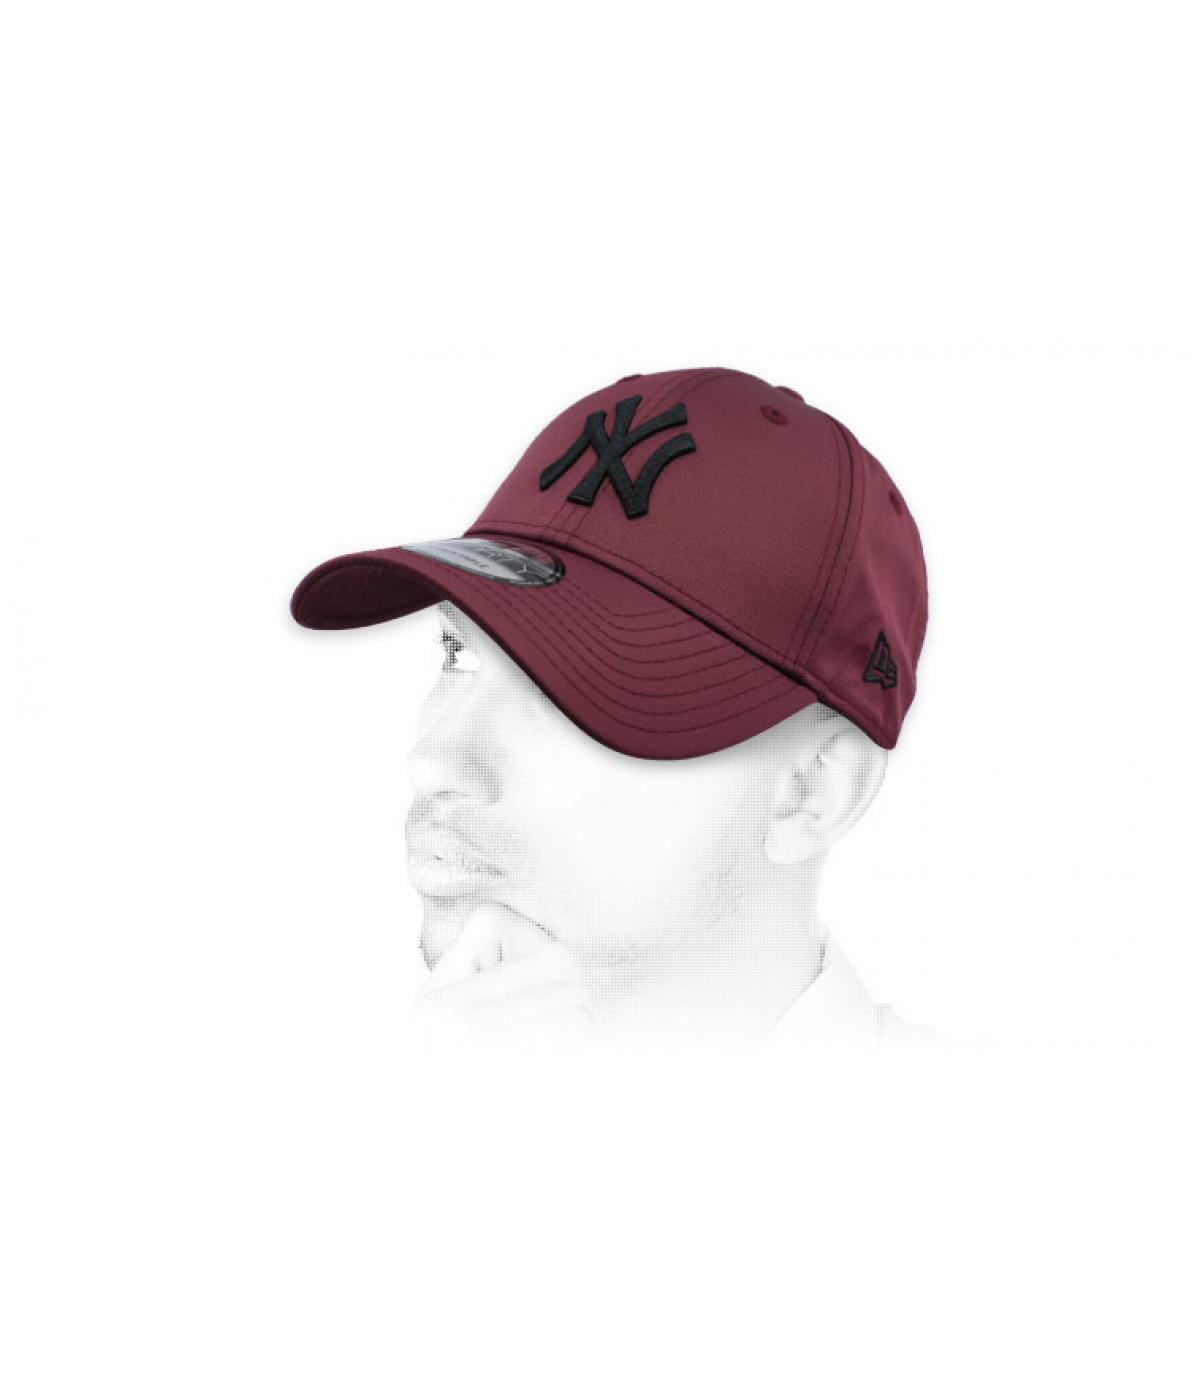 casquette NY bordeaux noir